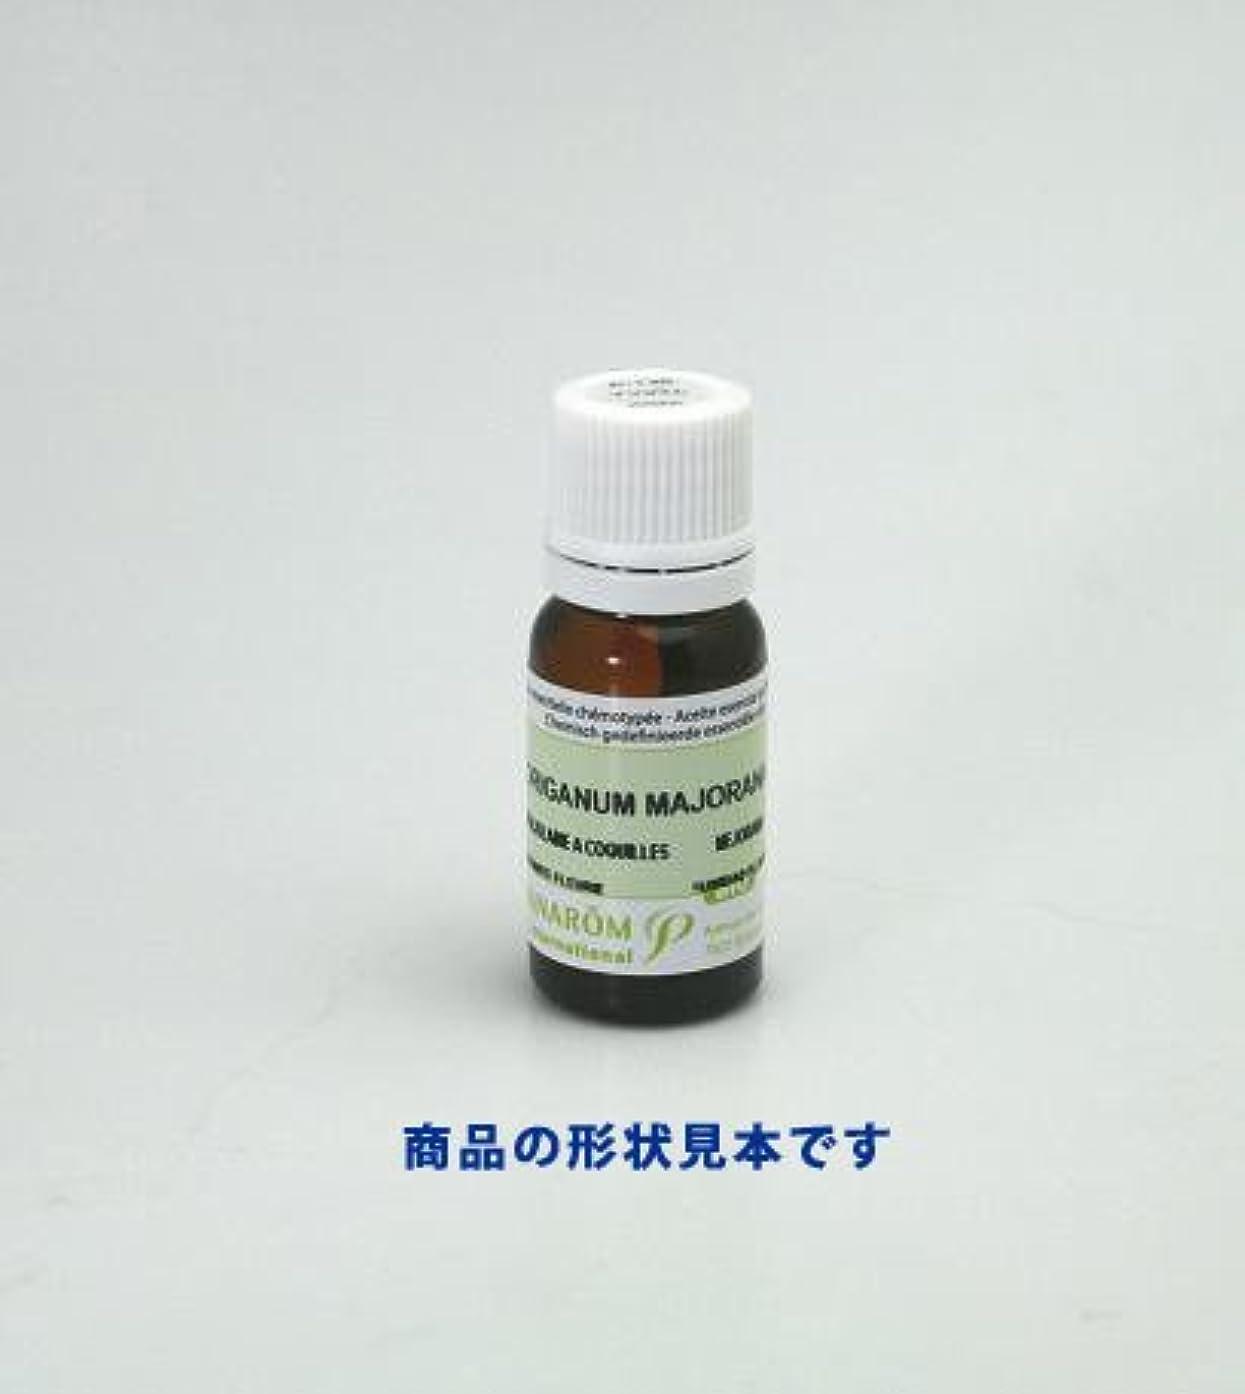 前文オーク忌避剤プラナロム エッセンシャルオイル ヘリクリサム 5ml